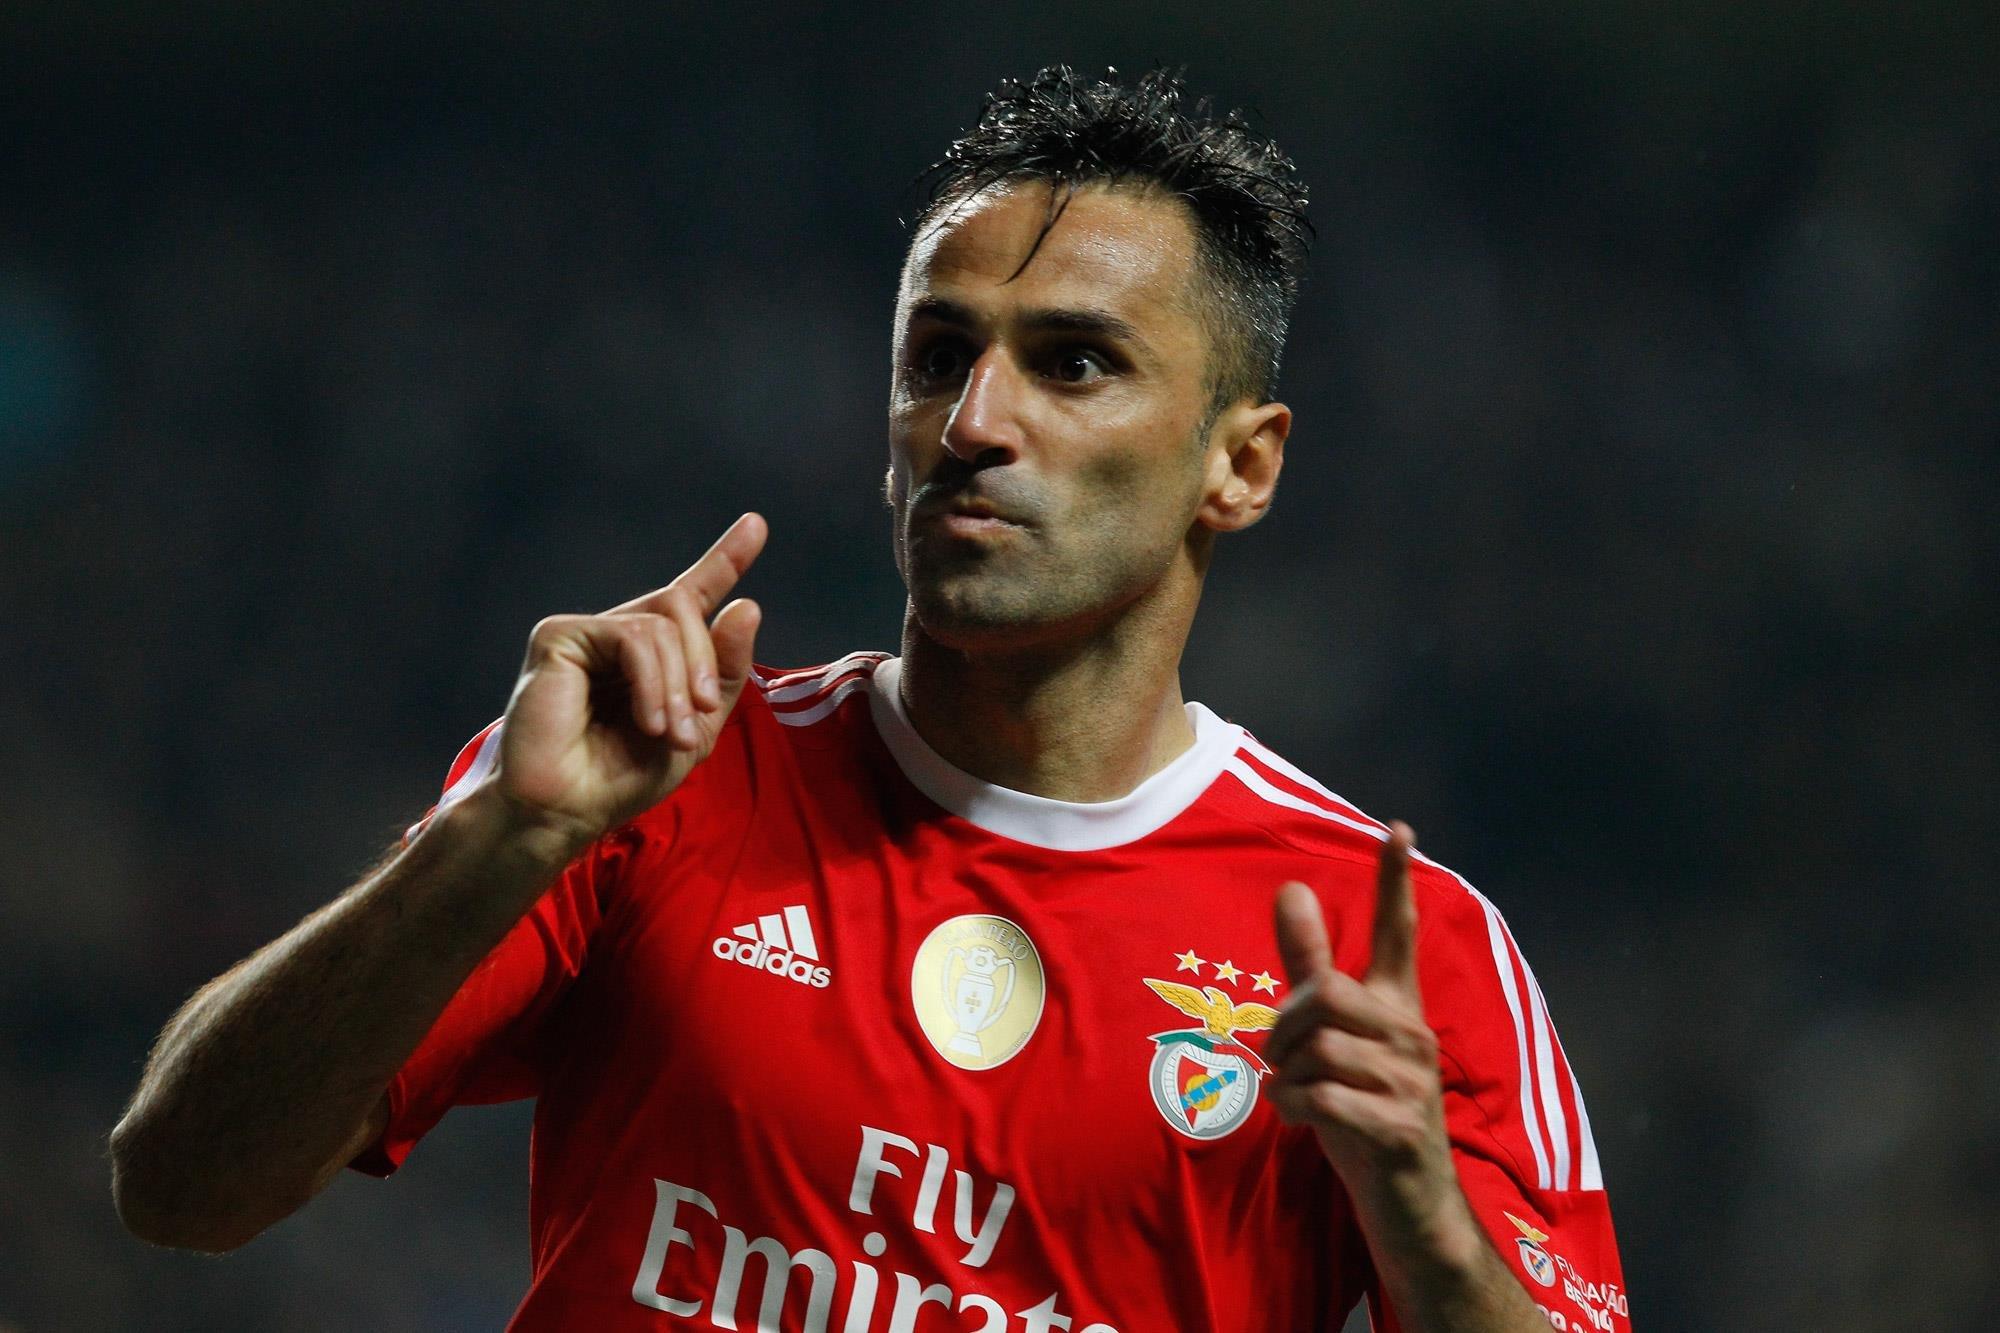 49a31b7c1cfcc Novamente pela margem mínima mas Benfica soma 5 em 5 desde que Vieira  viu  a Luz